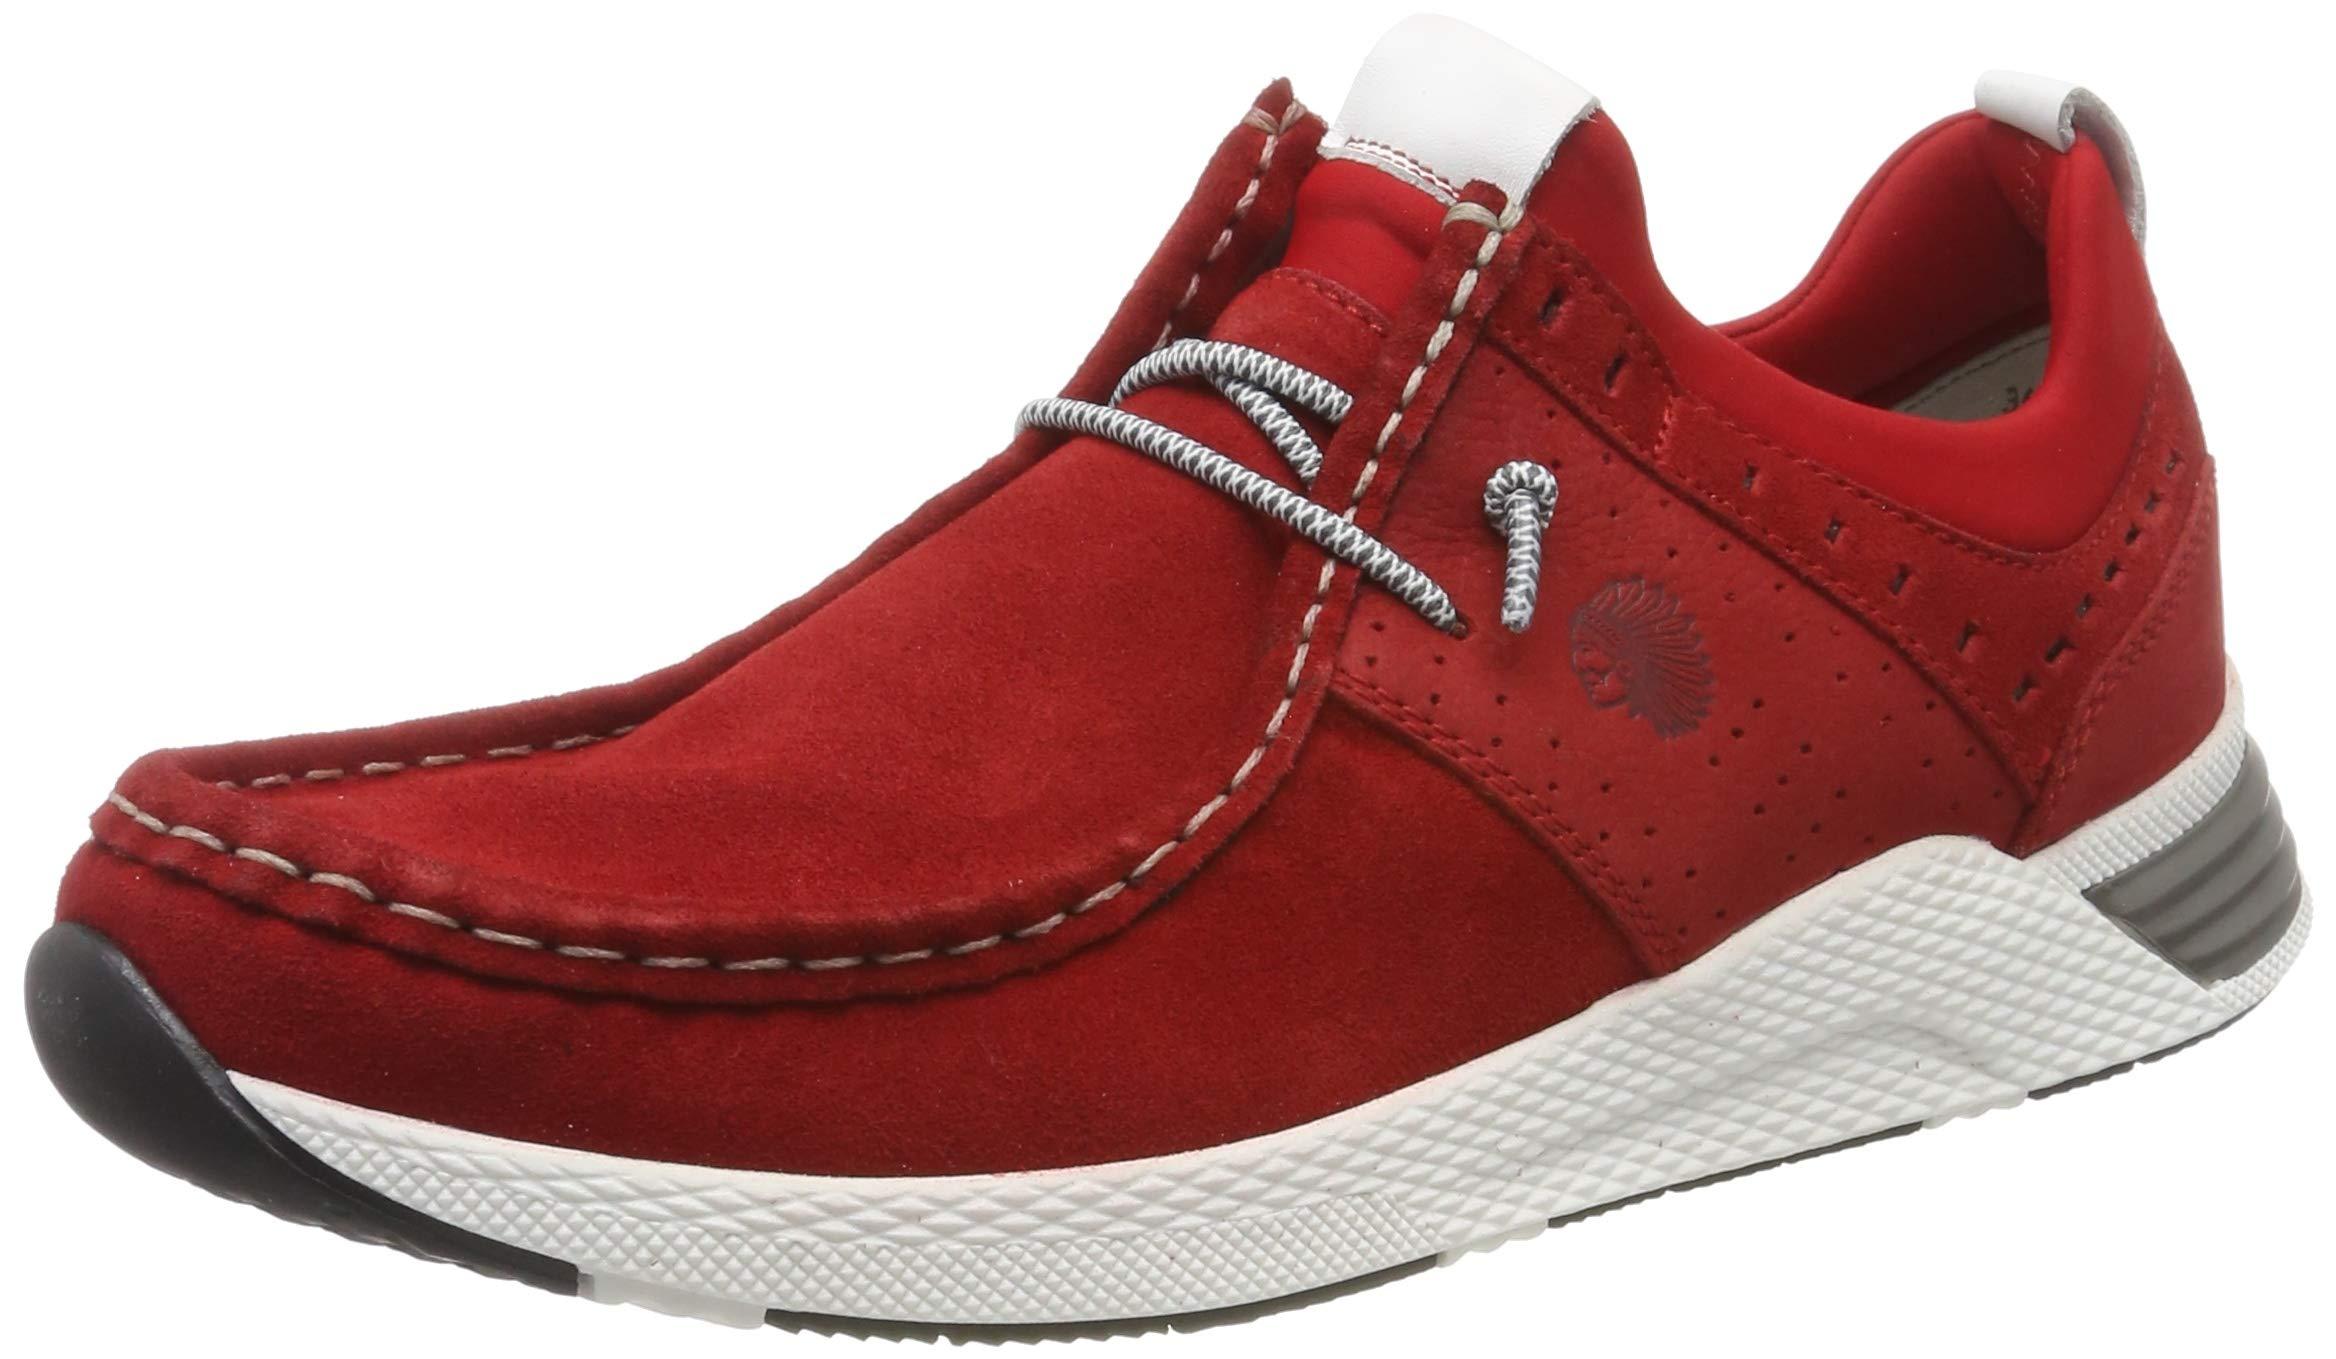 Sioux Herren Grash-h191-40 Sneaker